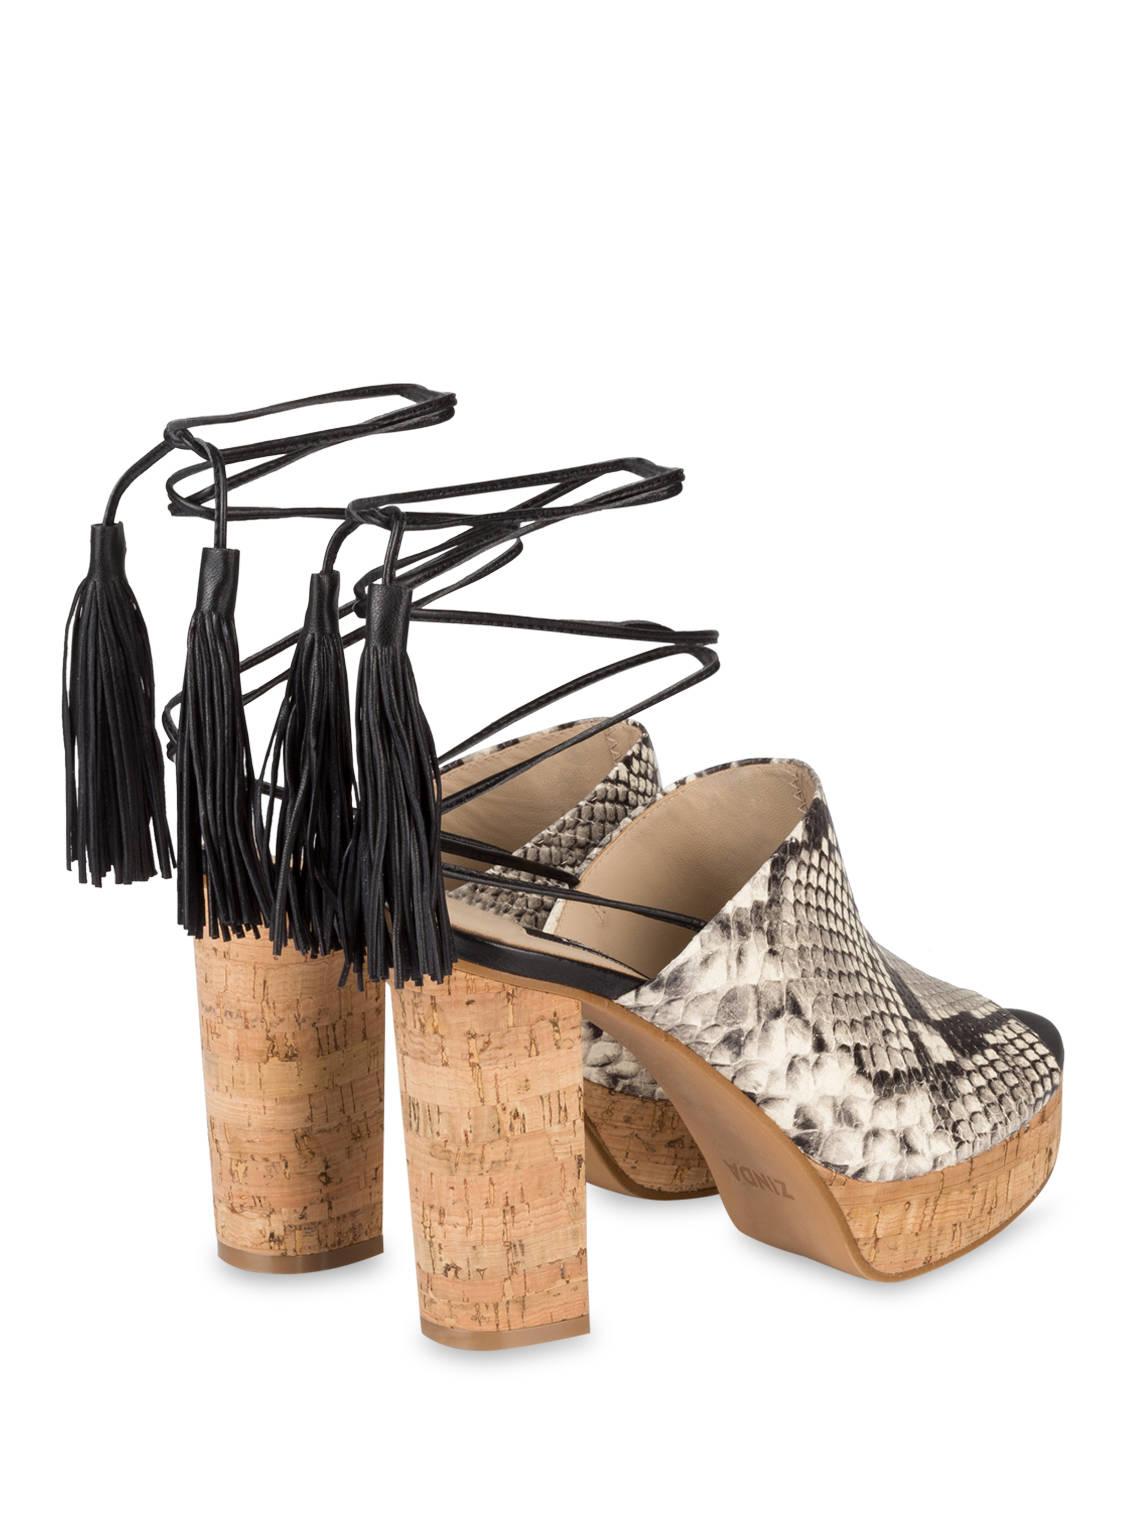 zinda plateau sandalen elena nora beige g nstig schnell einkaufen. Black Bedroom Furniture Sets. Home Design Ideas